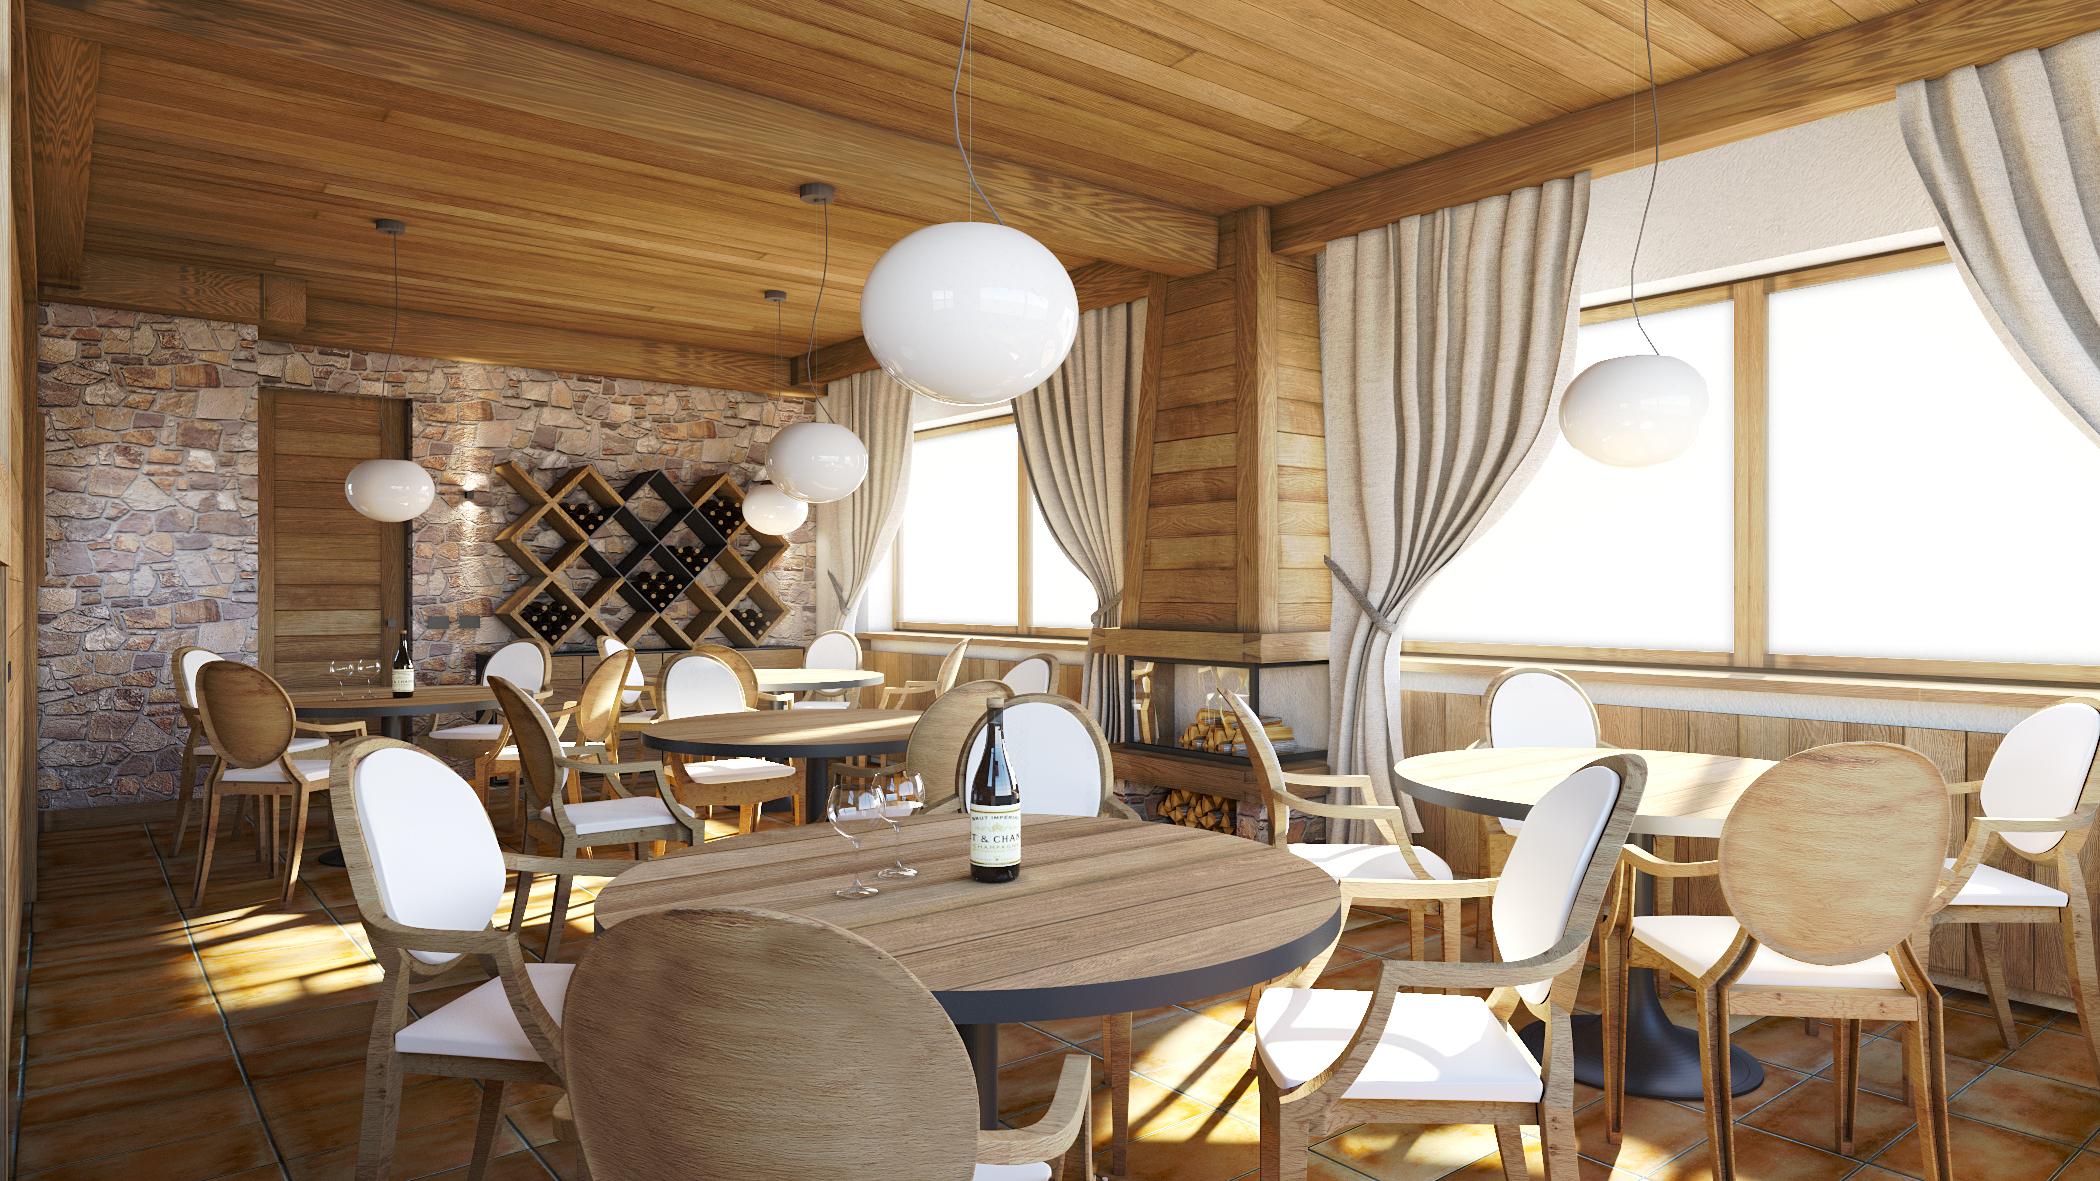 ristorante monaco studio alessandro zandonella. Black Bedroom Furniture Sets. Home Design Ideas